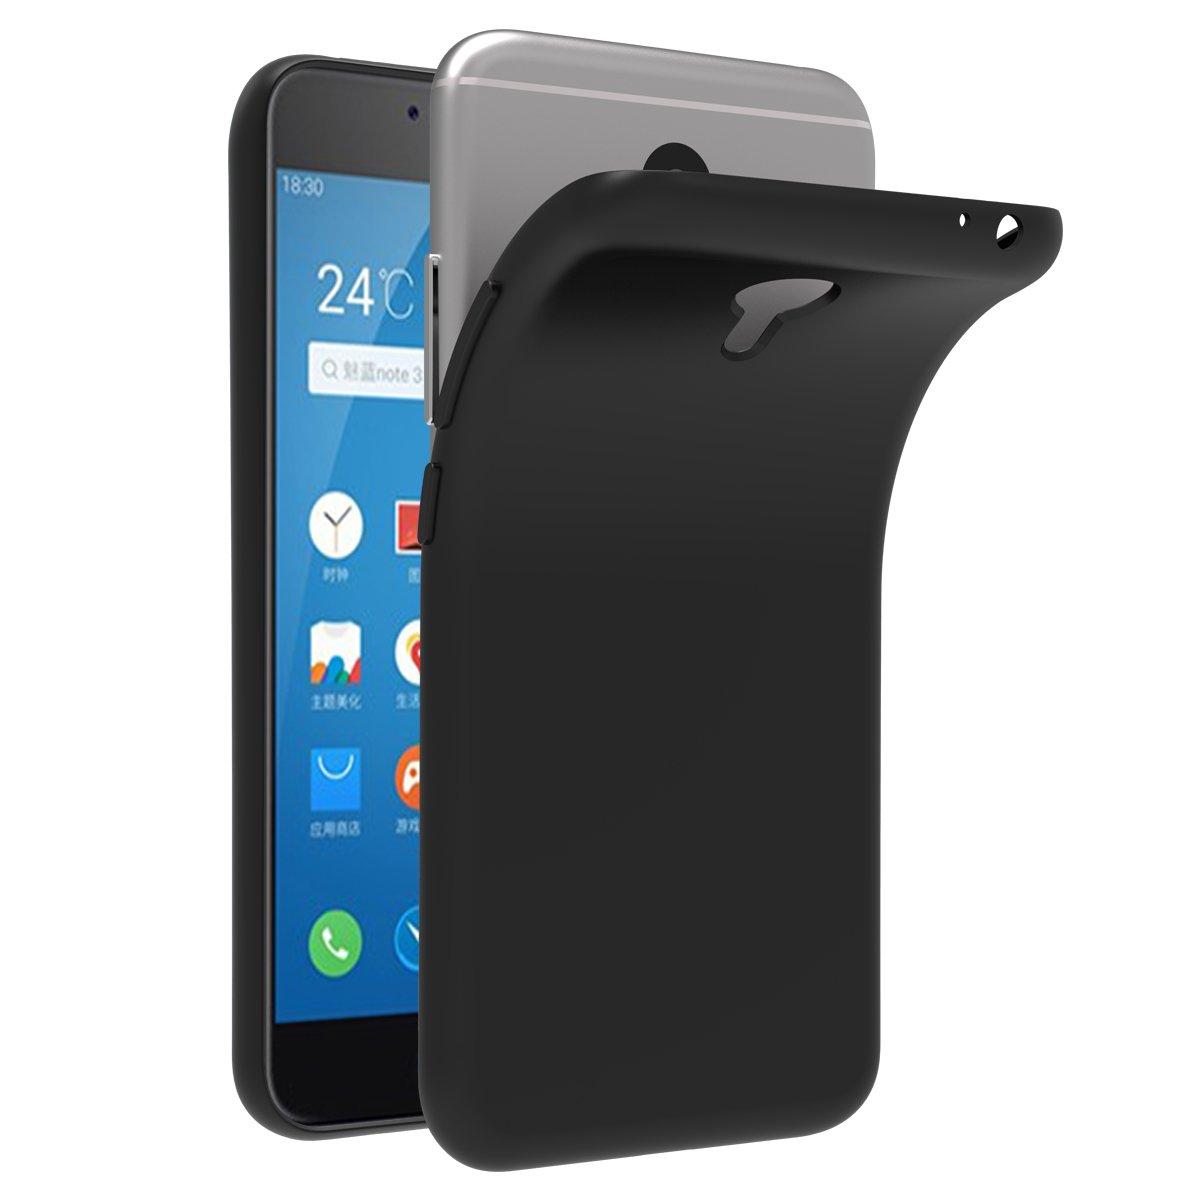 iVoler Funda Carcasa Gel Negro para Meizu M3 Note, Ultra Fina 0,33mm, Silicona TPU de Alta Resistencia y Flexibilidad